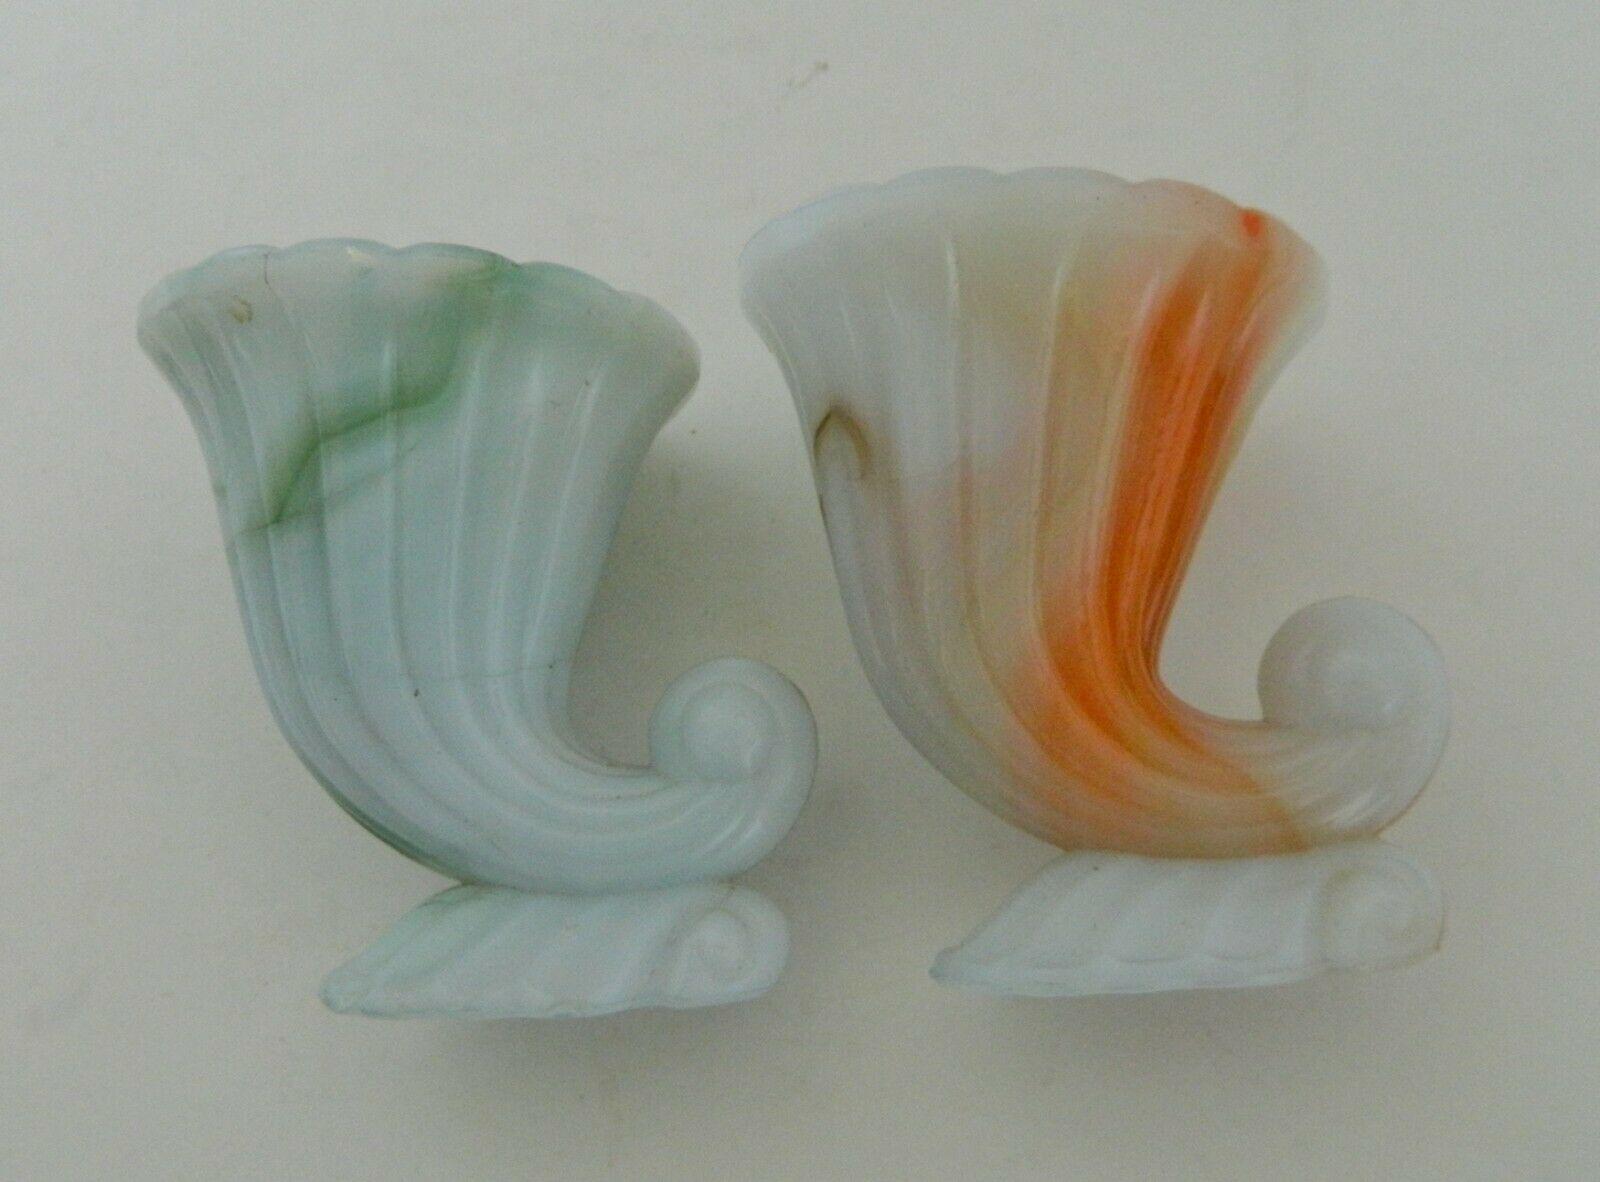 Akro Agate Cornucopias Plain Foot Style Orange & Green Marbleized Made in USA Tw - $16.71